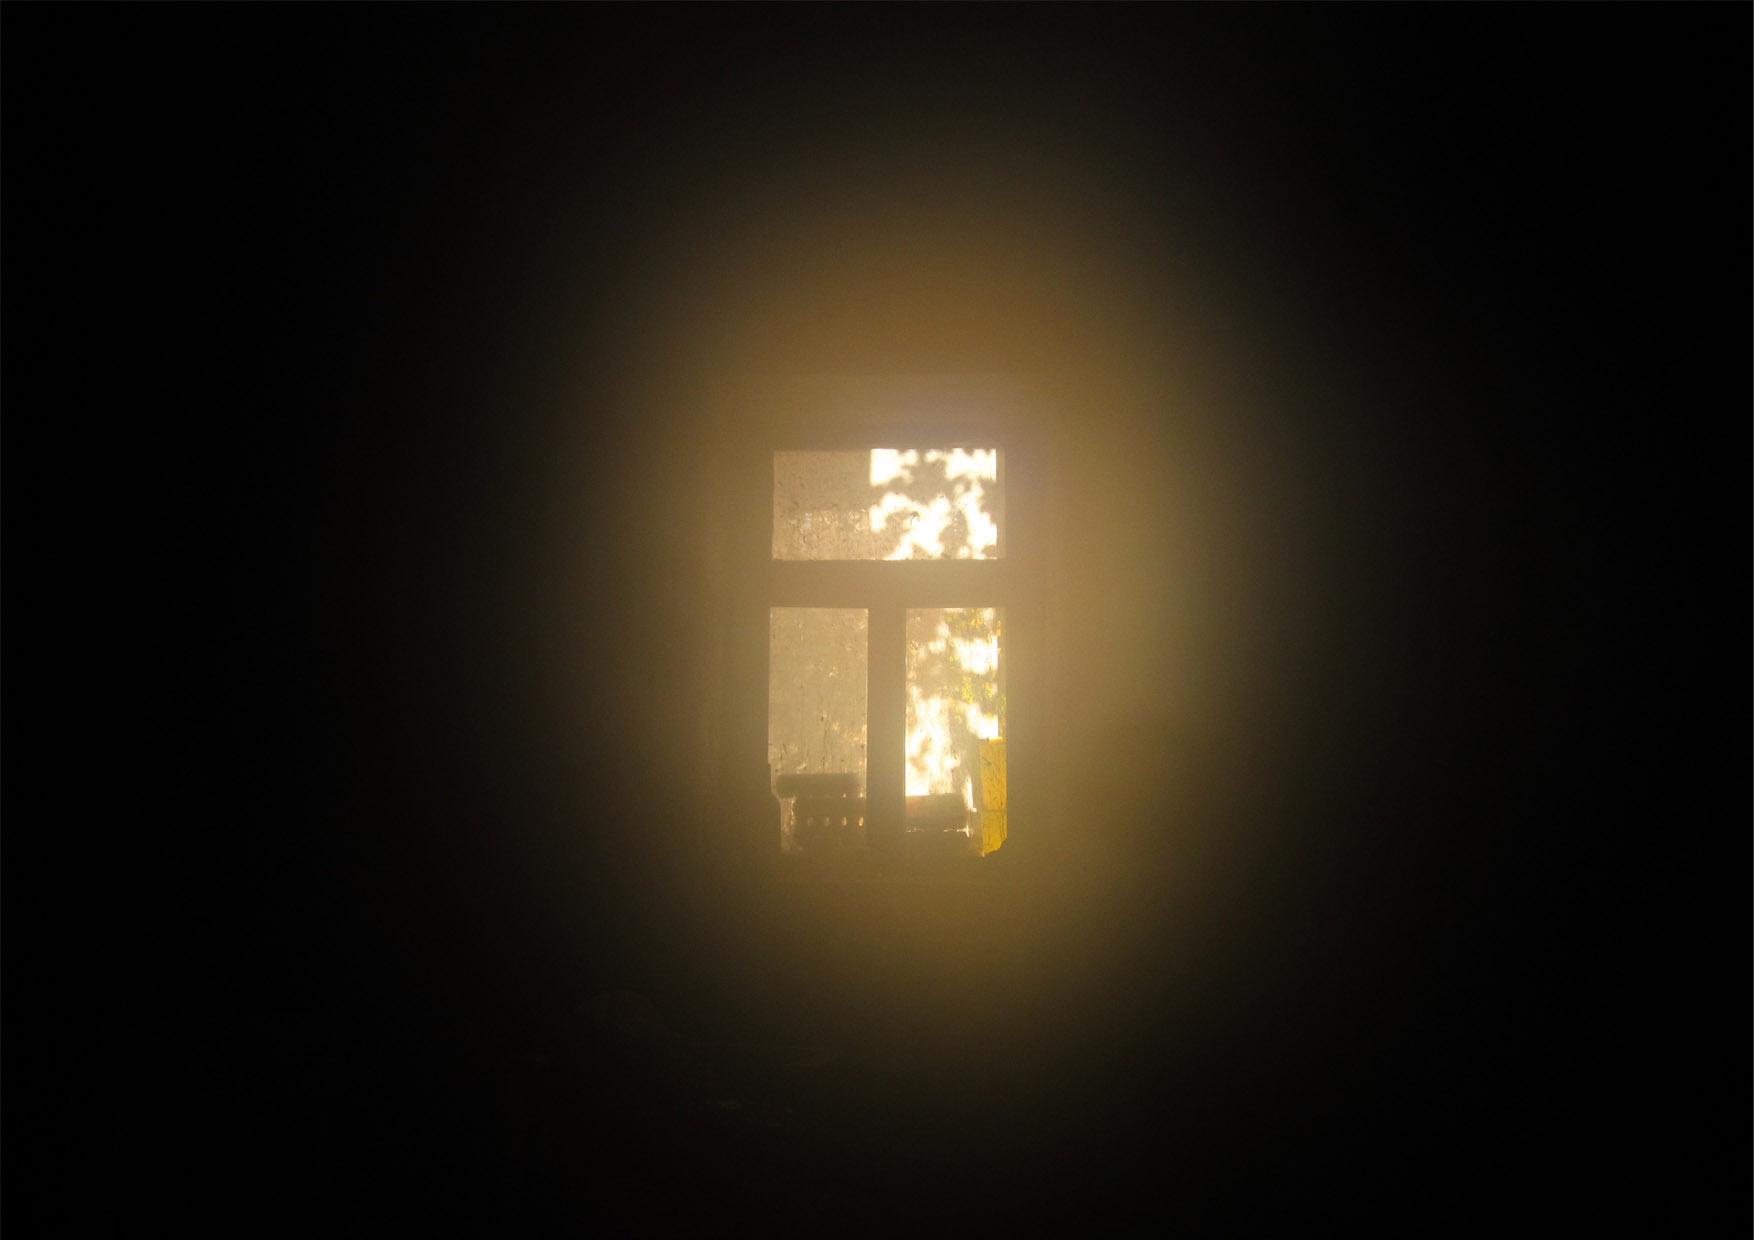 08 Mosorin izolacioni sloj zemlja slama jutro i dobro jutro